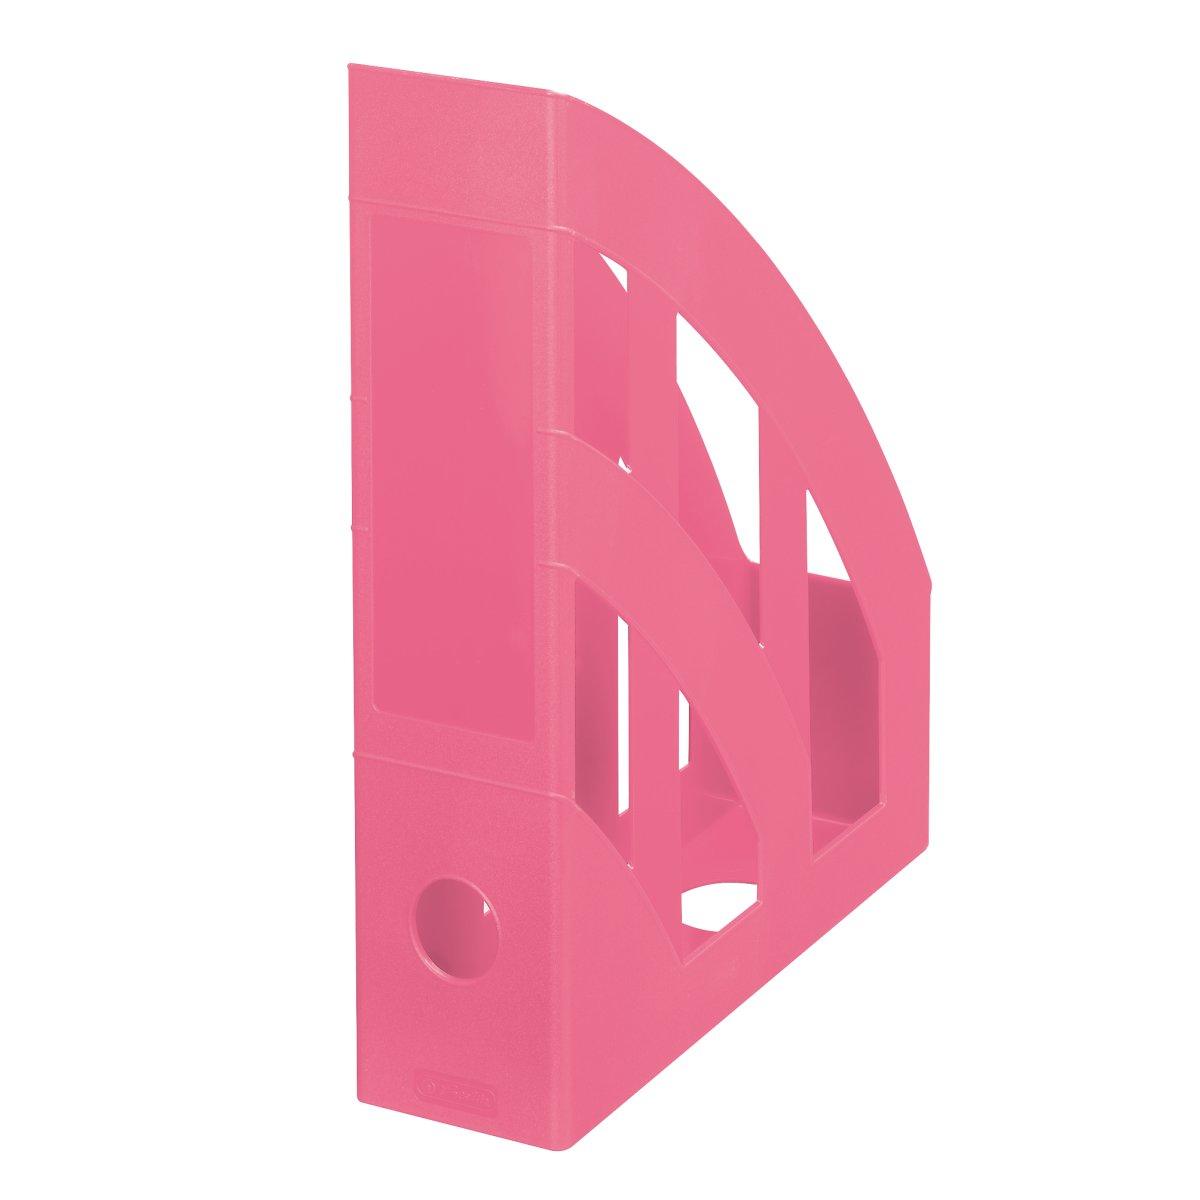 Herlitz 50015757 - A4 - Kunststoff - Pink - Deutschland - 1 Stück(e)